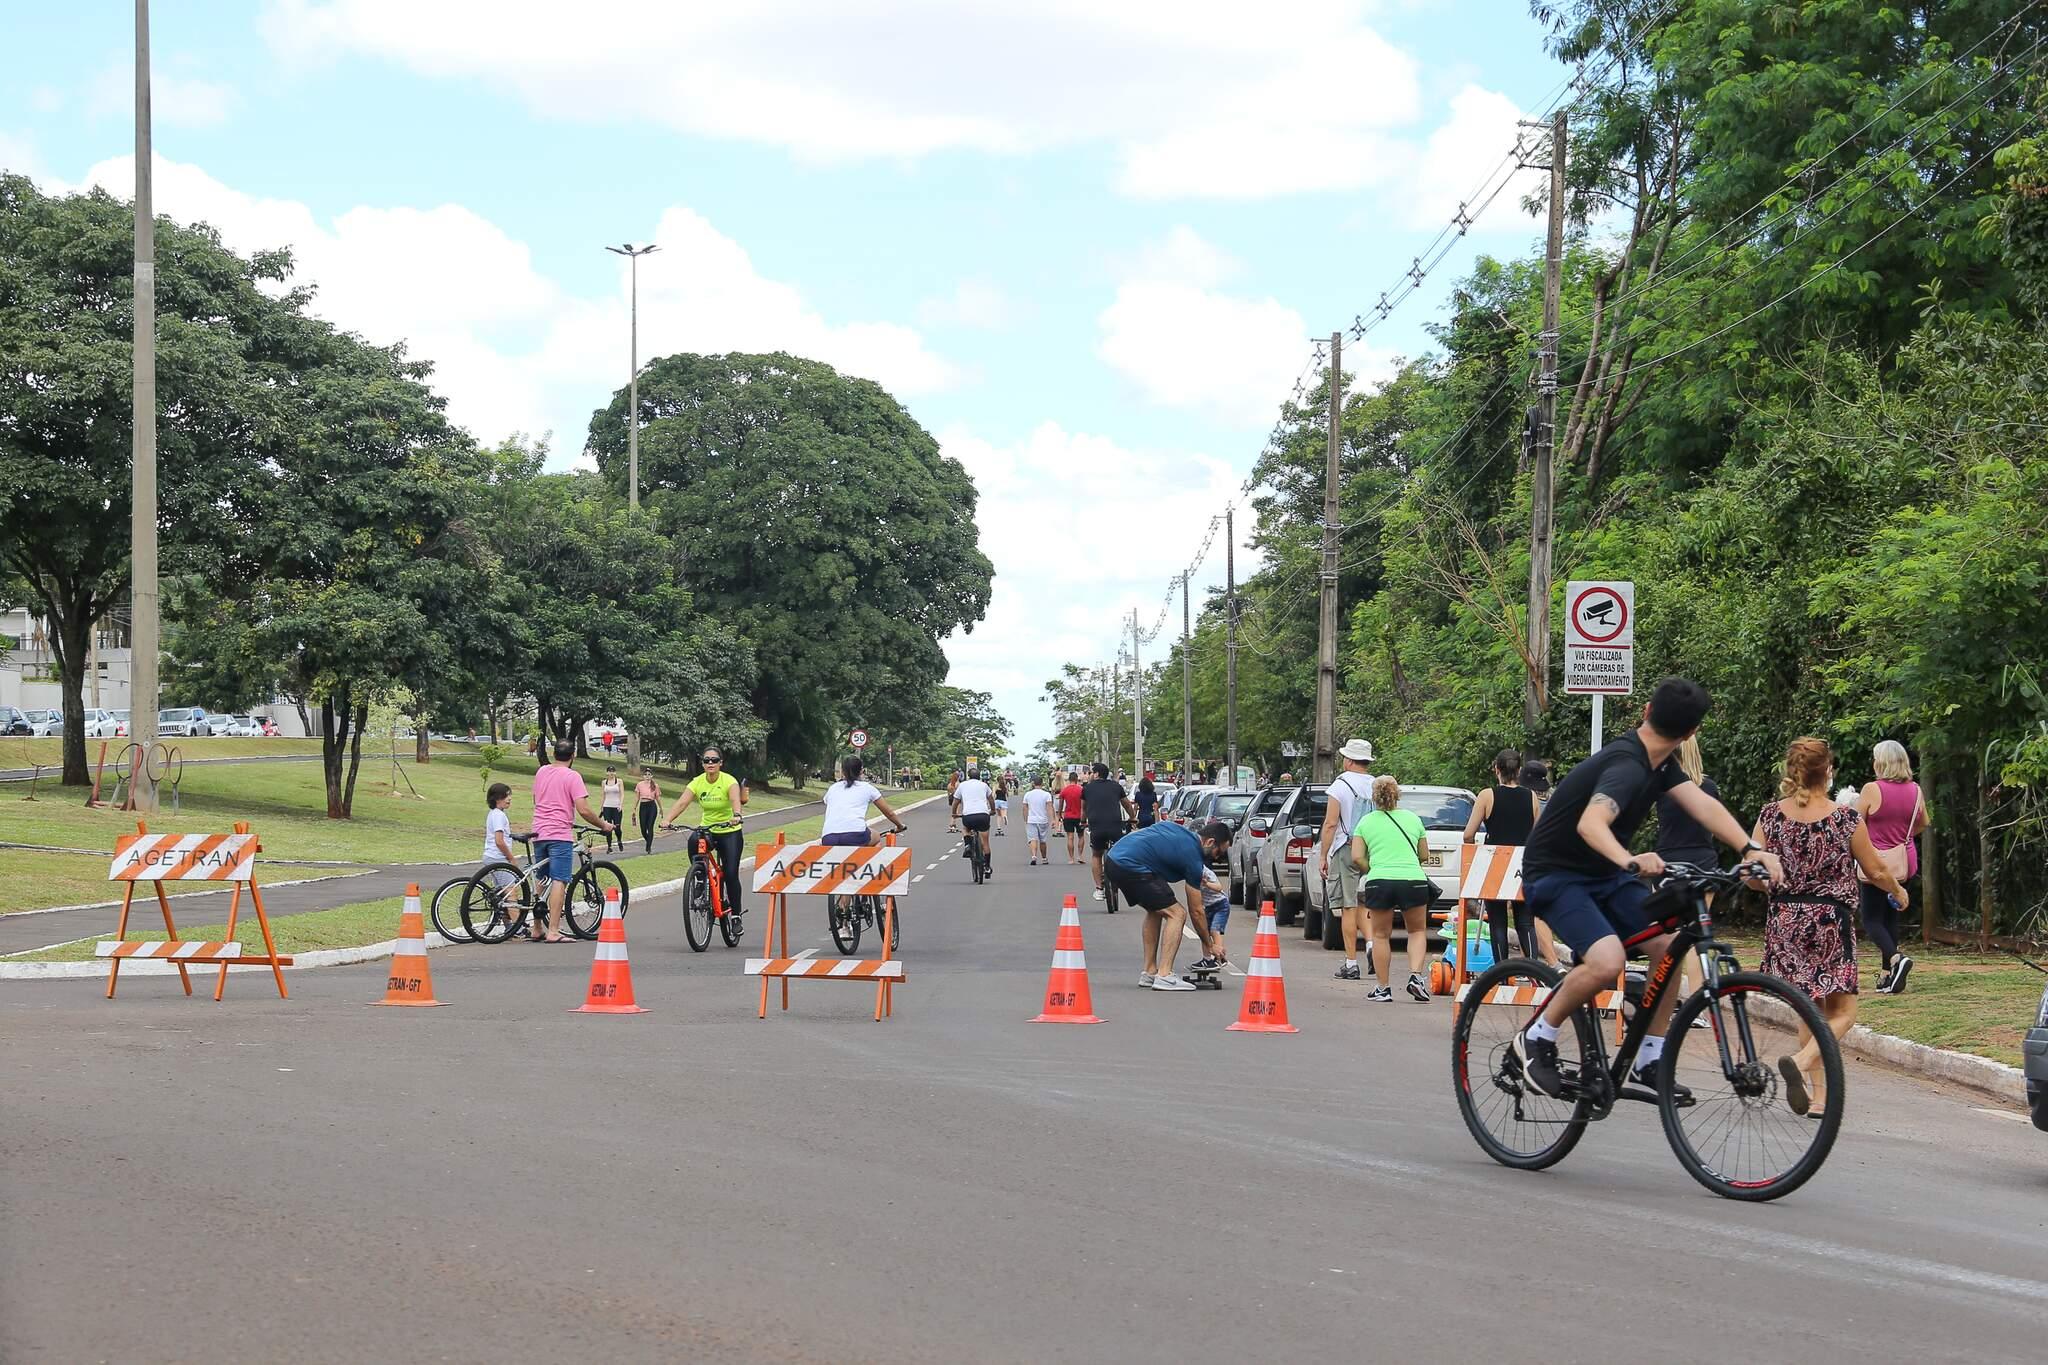 Movimentação nos altos da avenida Afonso Pena neste domingo (Foto: Paulo Francis)